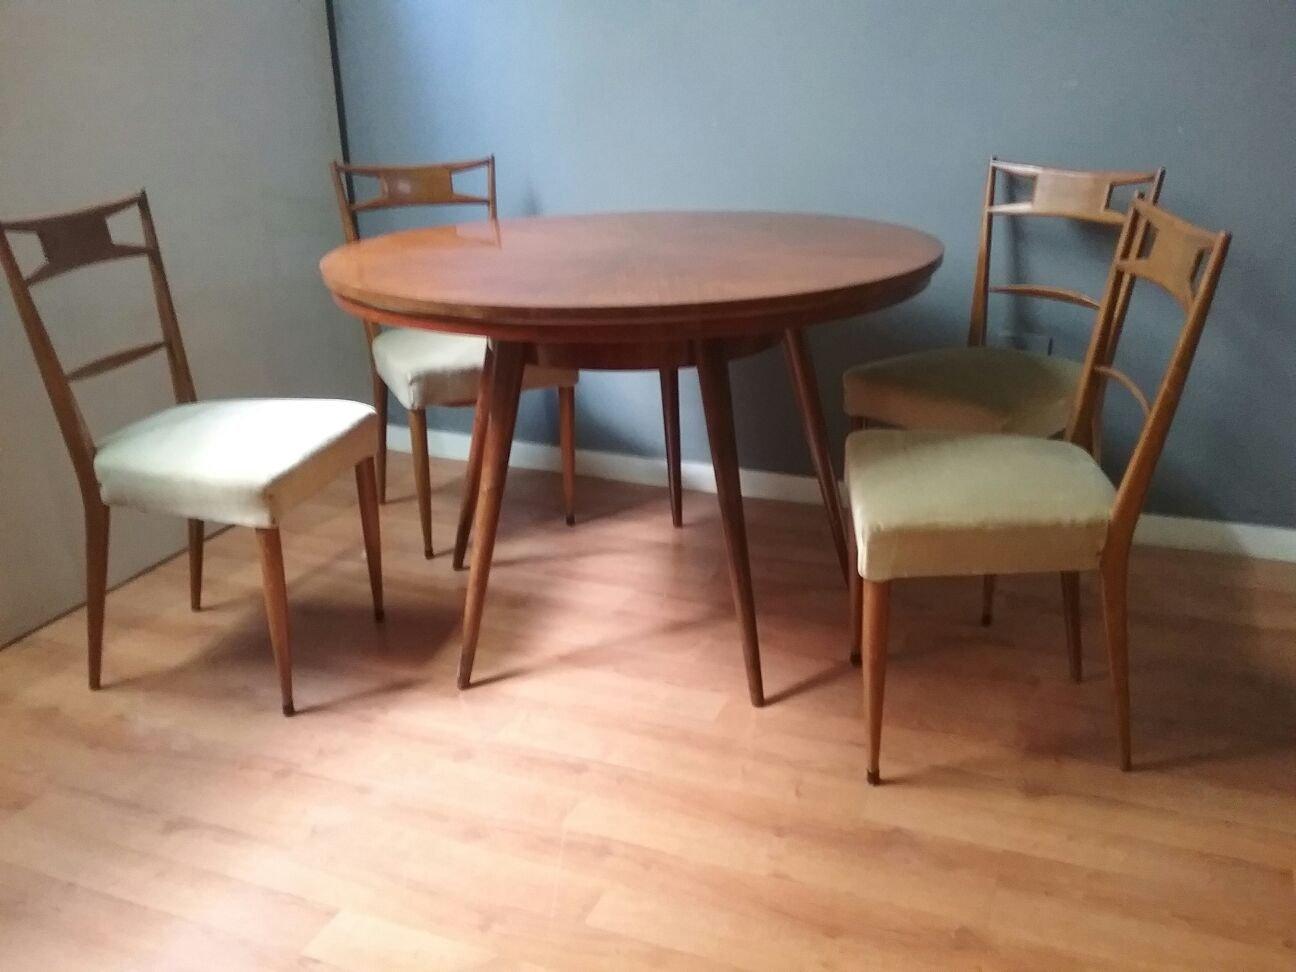 Groß Retro Küchenstühle Zum Verkauf Fotos - Küchen Design Ideen ...